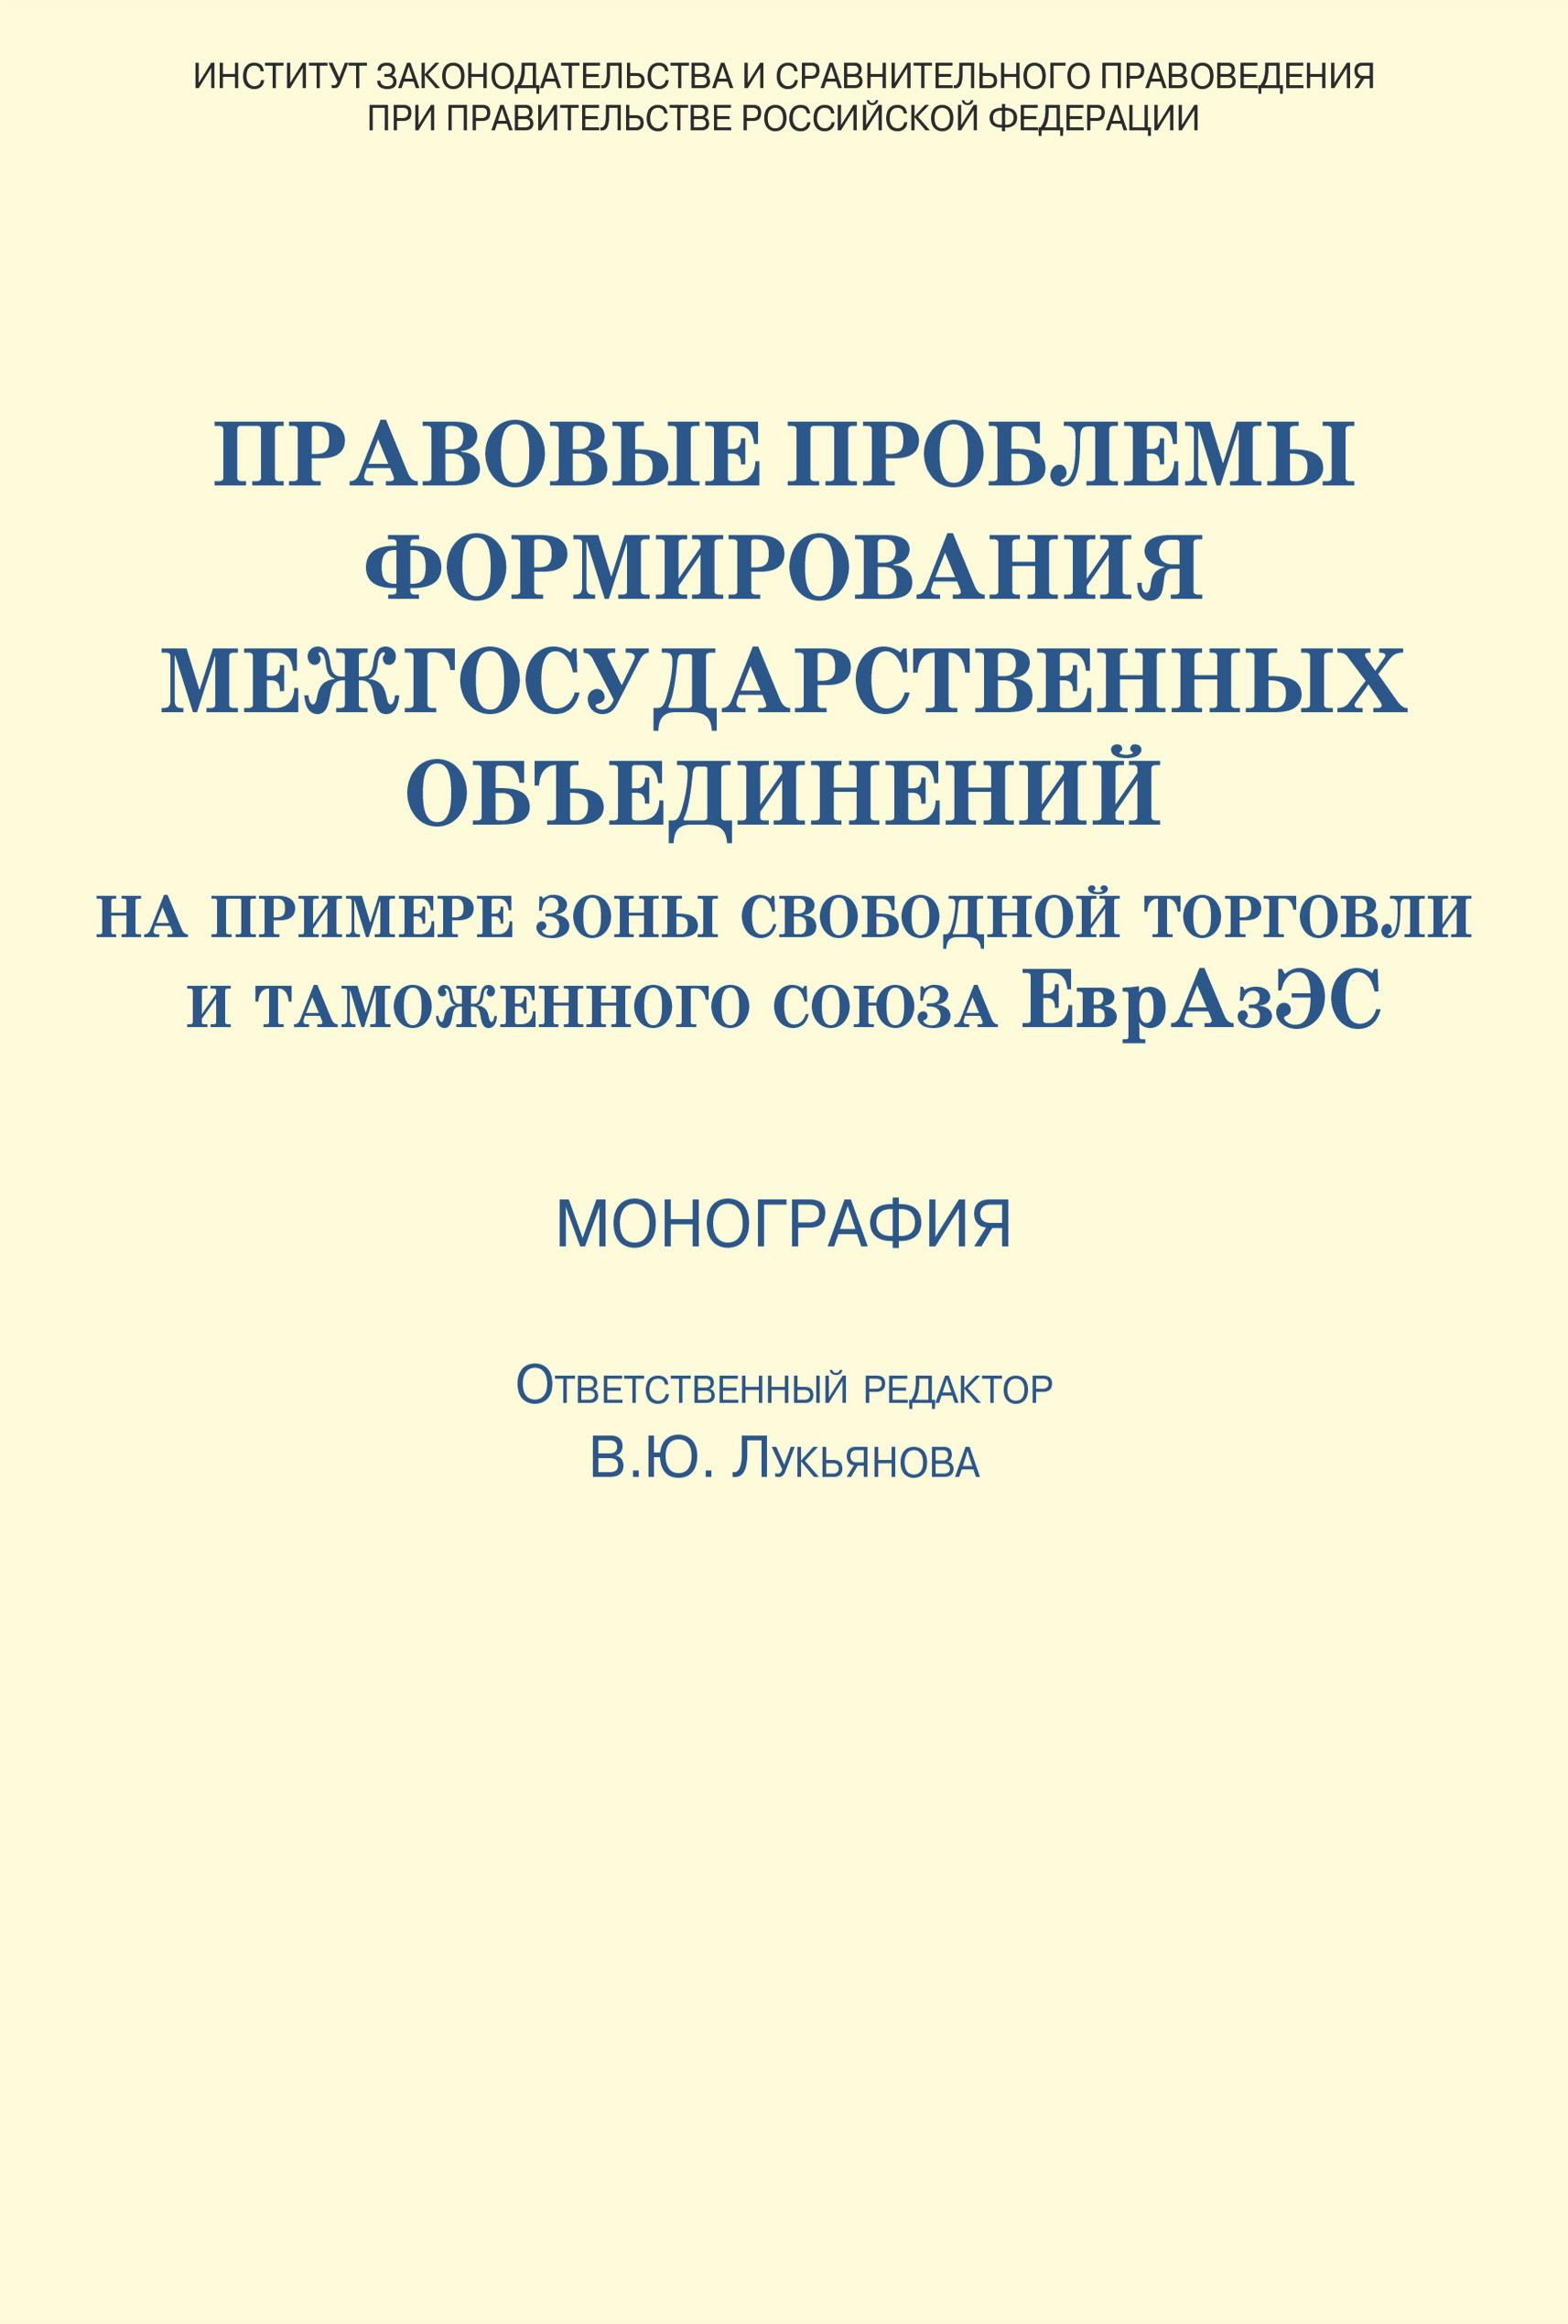 фото обложки издания Правовые проблемы формирования межгосударственных объединений (на примере зоны свободной торговли и таможенного союза ЕврАзЭС)